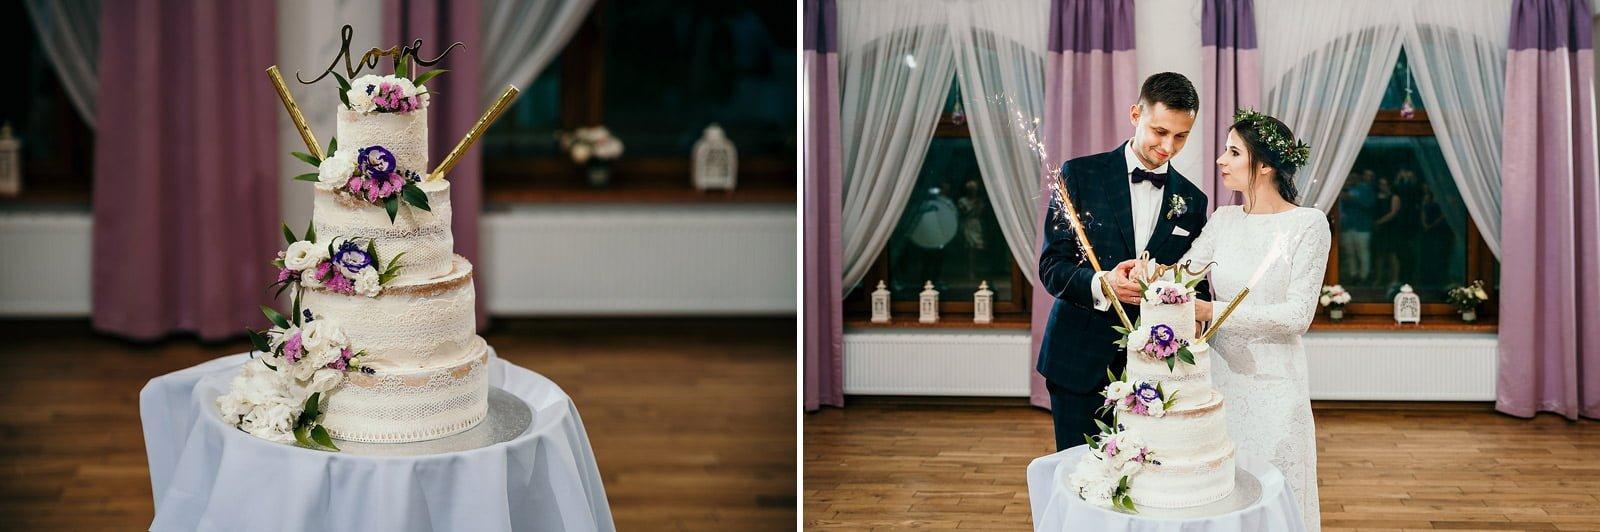 Gosia i Szymon. Fotografia ślubna Nowy Sącz 65